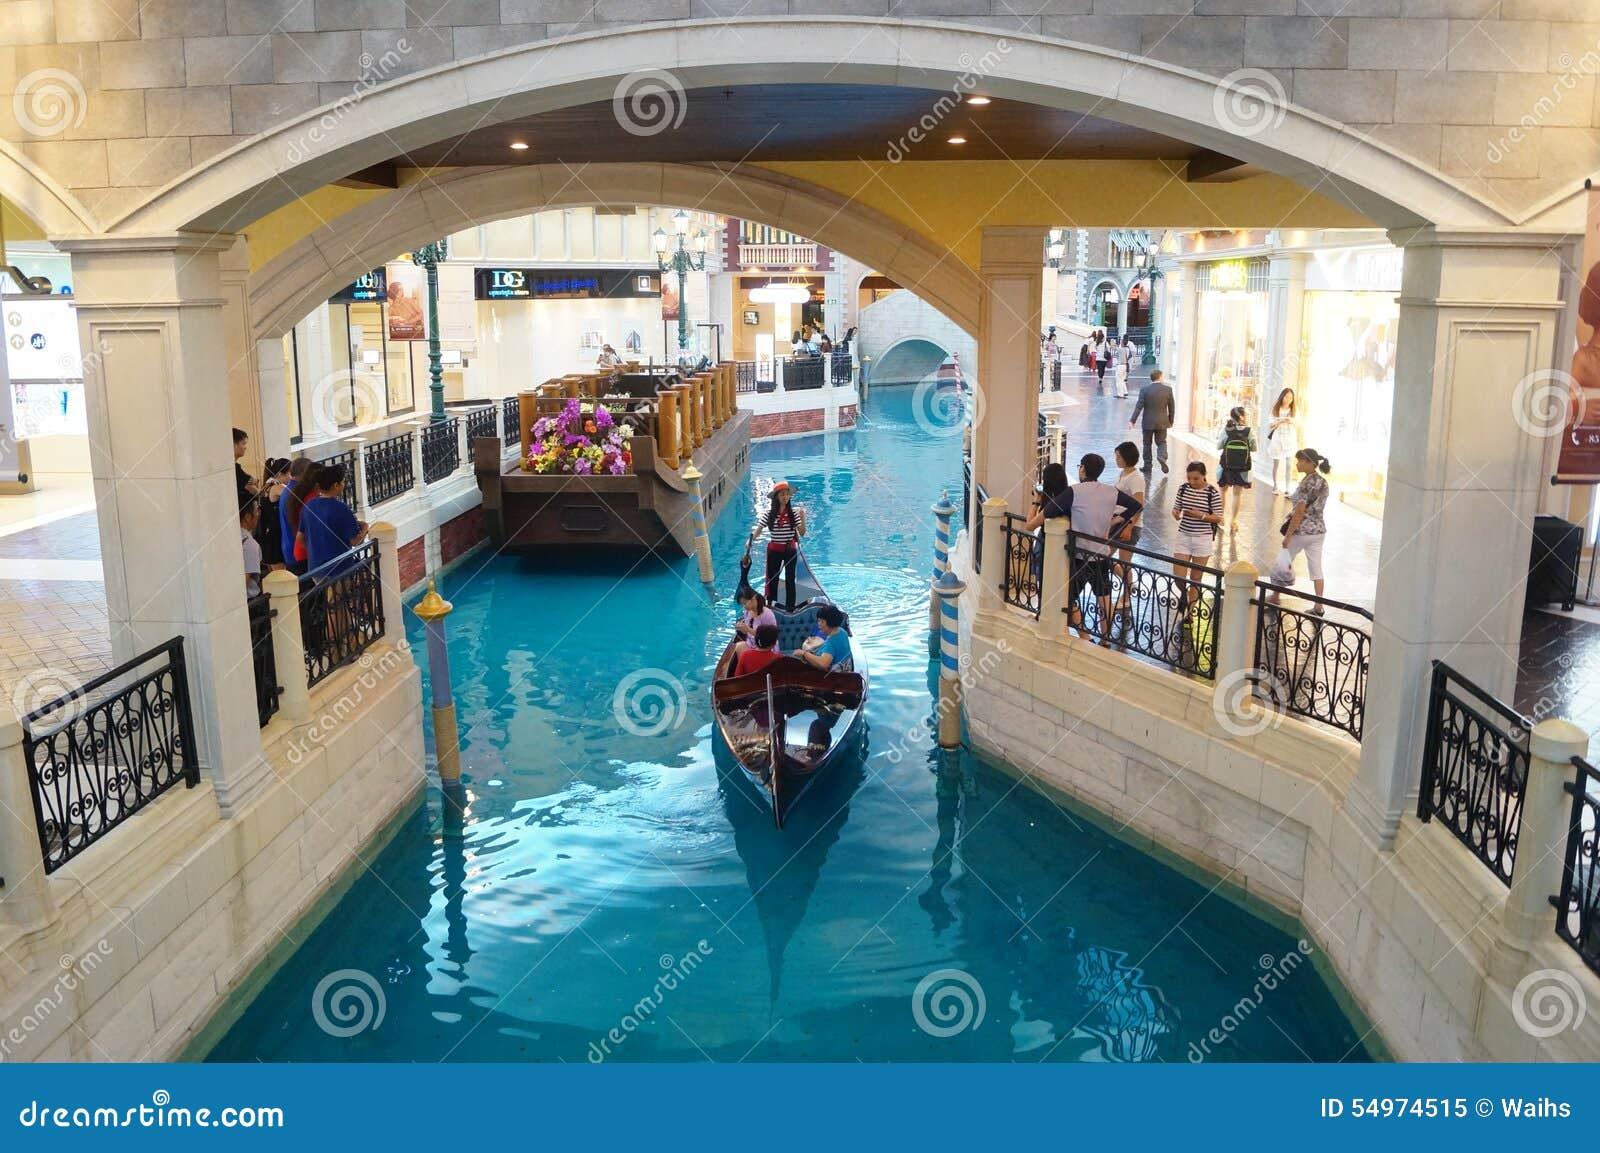 Stunning Soggiorno Venezia Ideas - Idee Arredamento Casa & Interior ...